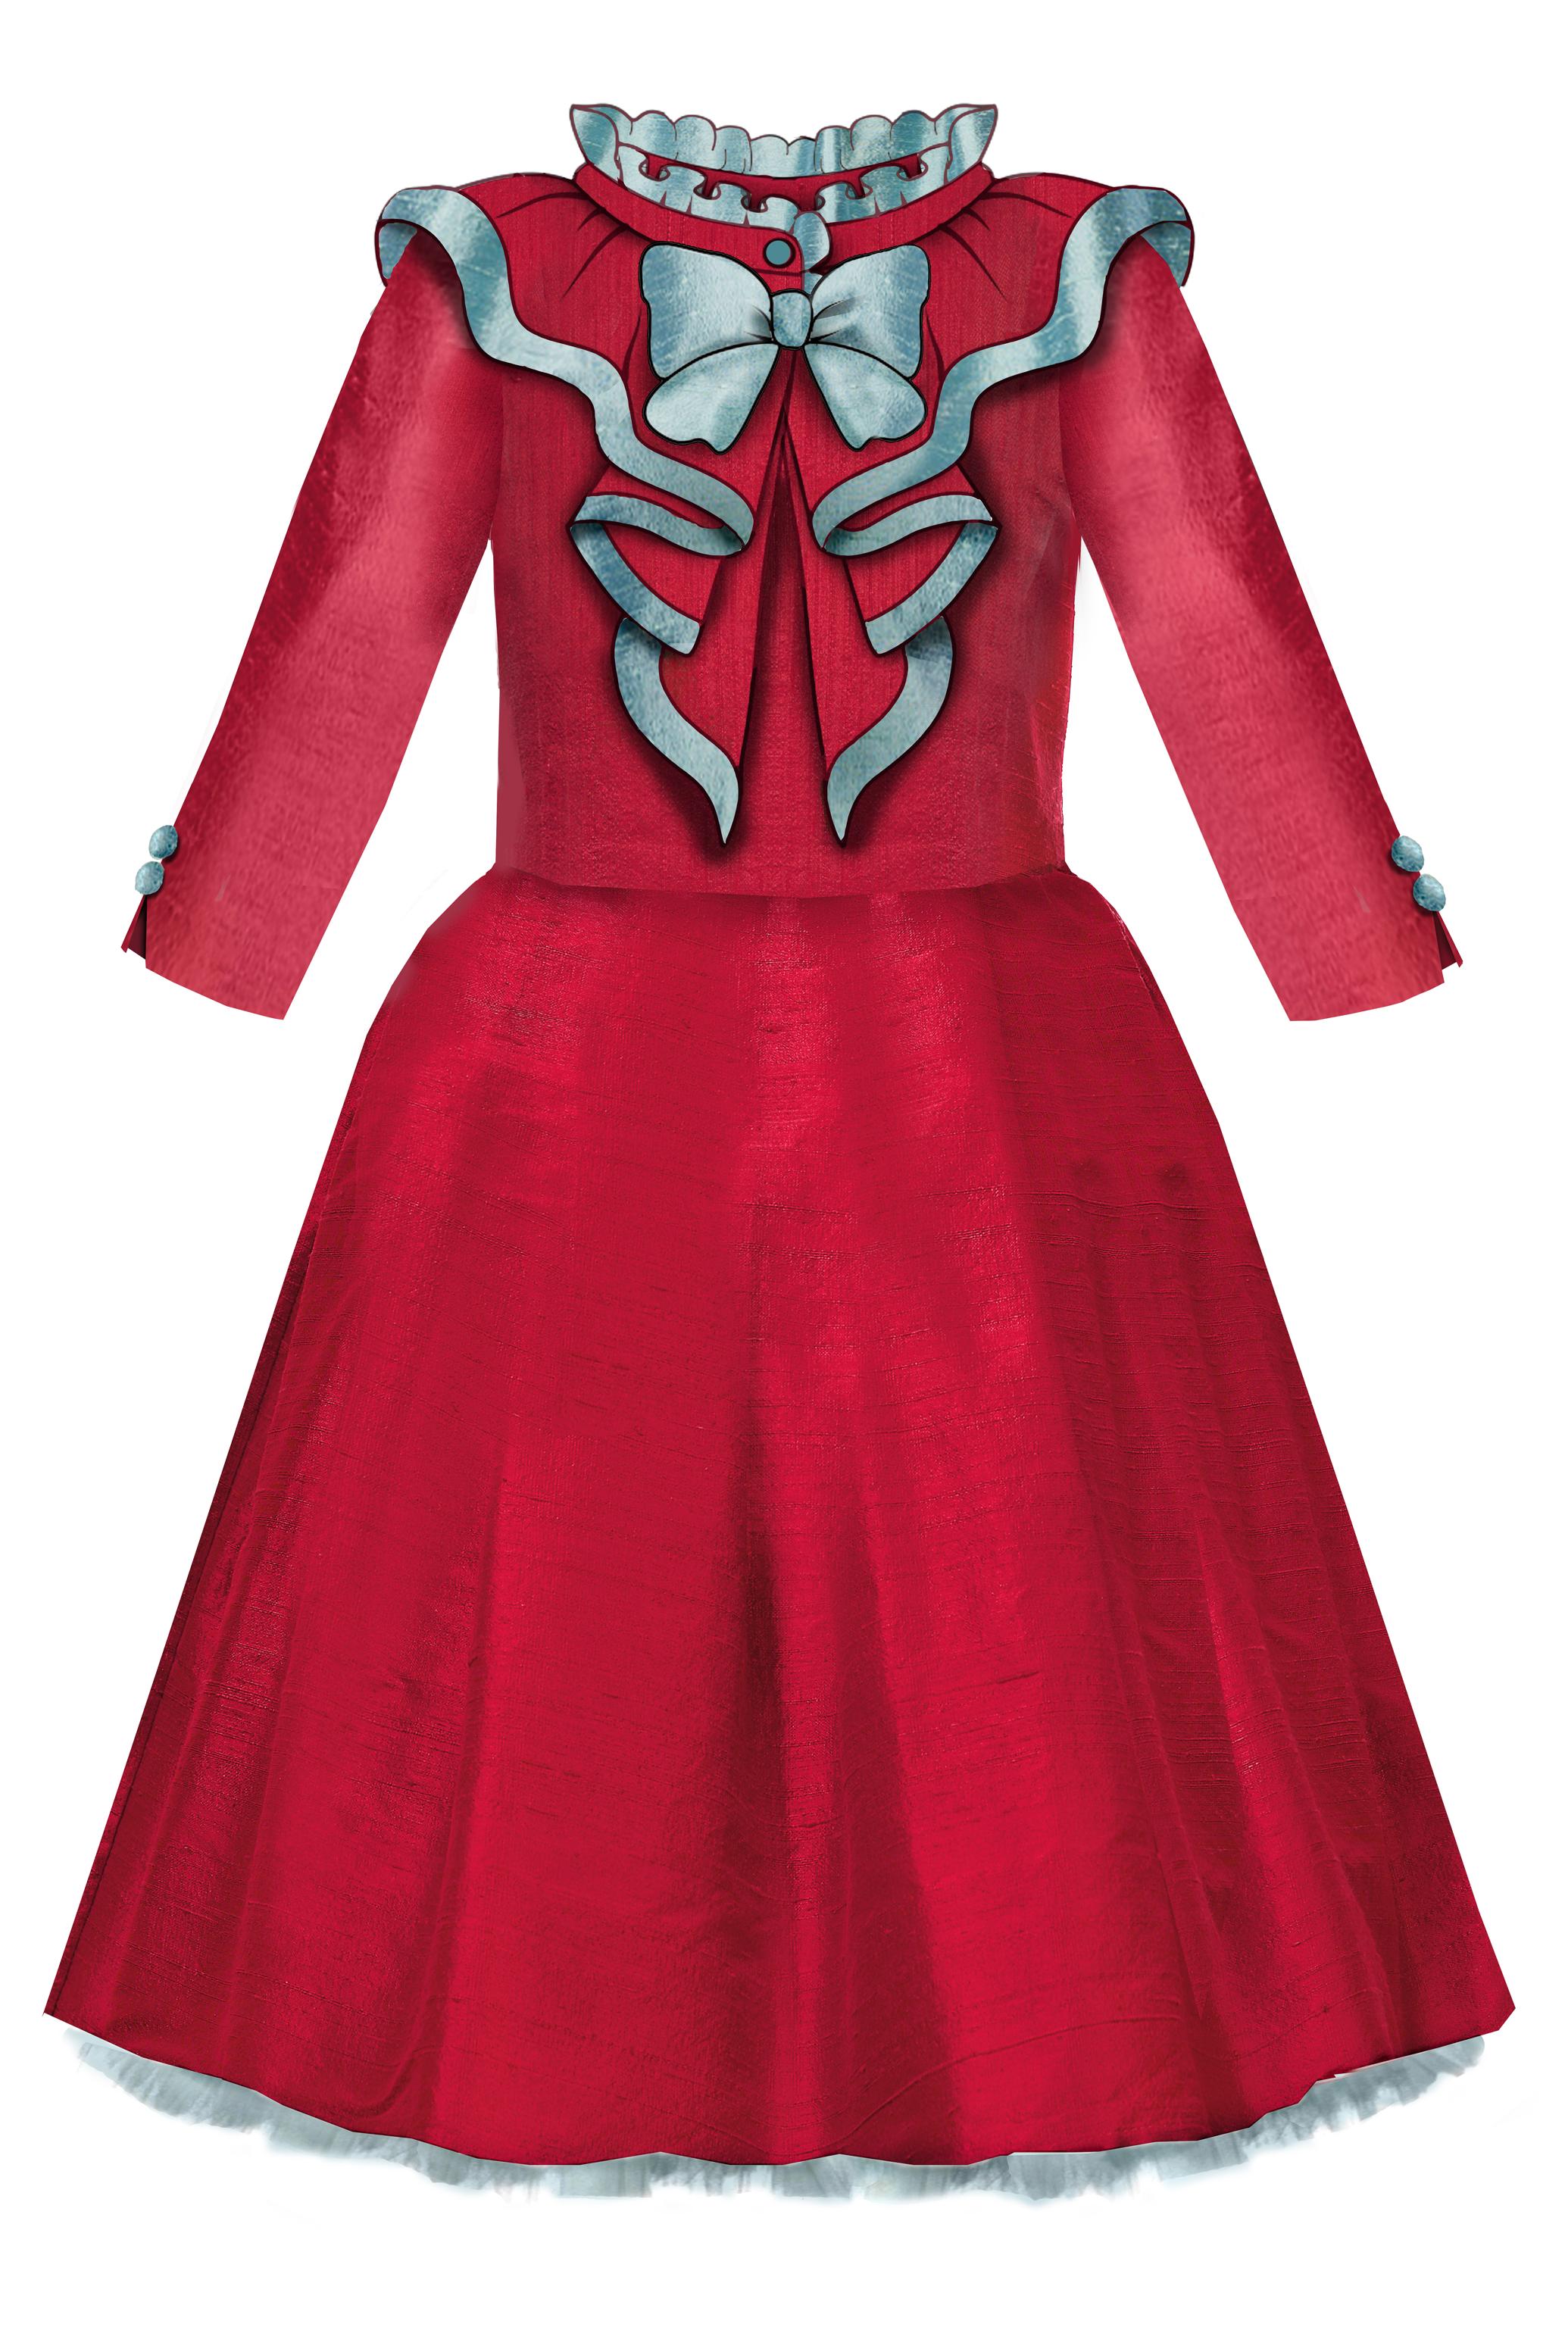 27a946ec396ae1 Elisabeth Flared Raw Silk Girls Dress with Detachable Collar | Lazy Francis  Autumn/Winter | Taffeta dress, Dresses, Silk Dress